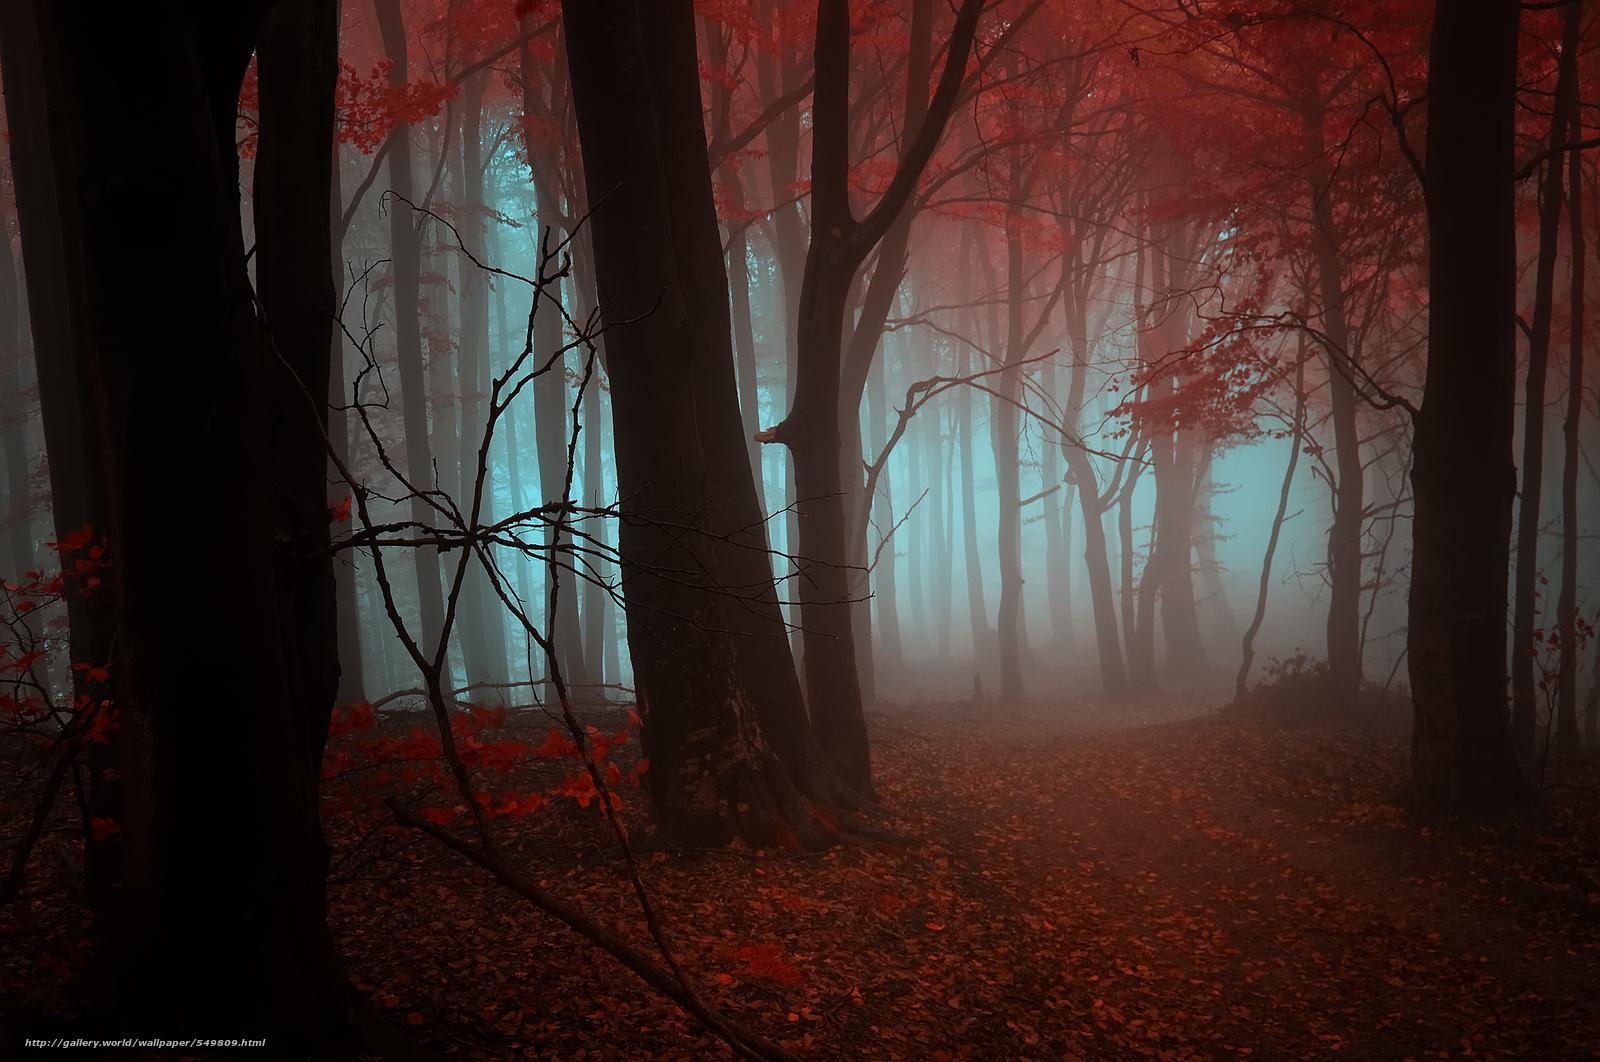 Скачать обои осень,  деревья,  туман,  пейзаж бесплатно для рабочего стола в разрешении 3306x2195 — картинка №549809